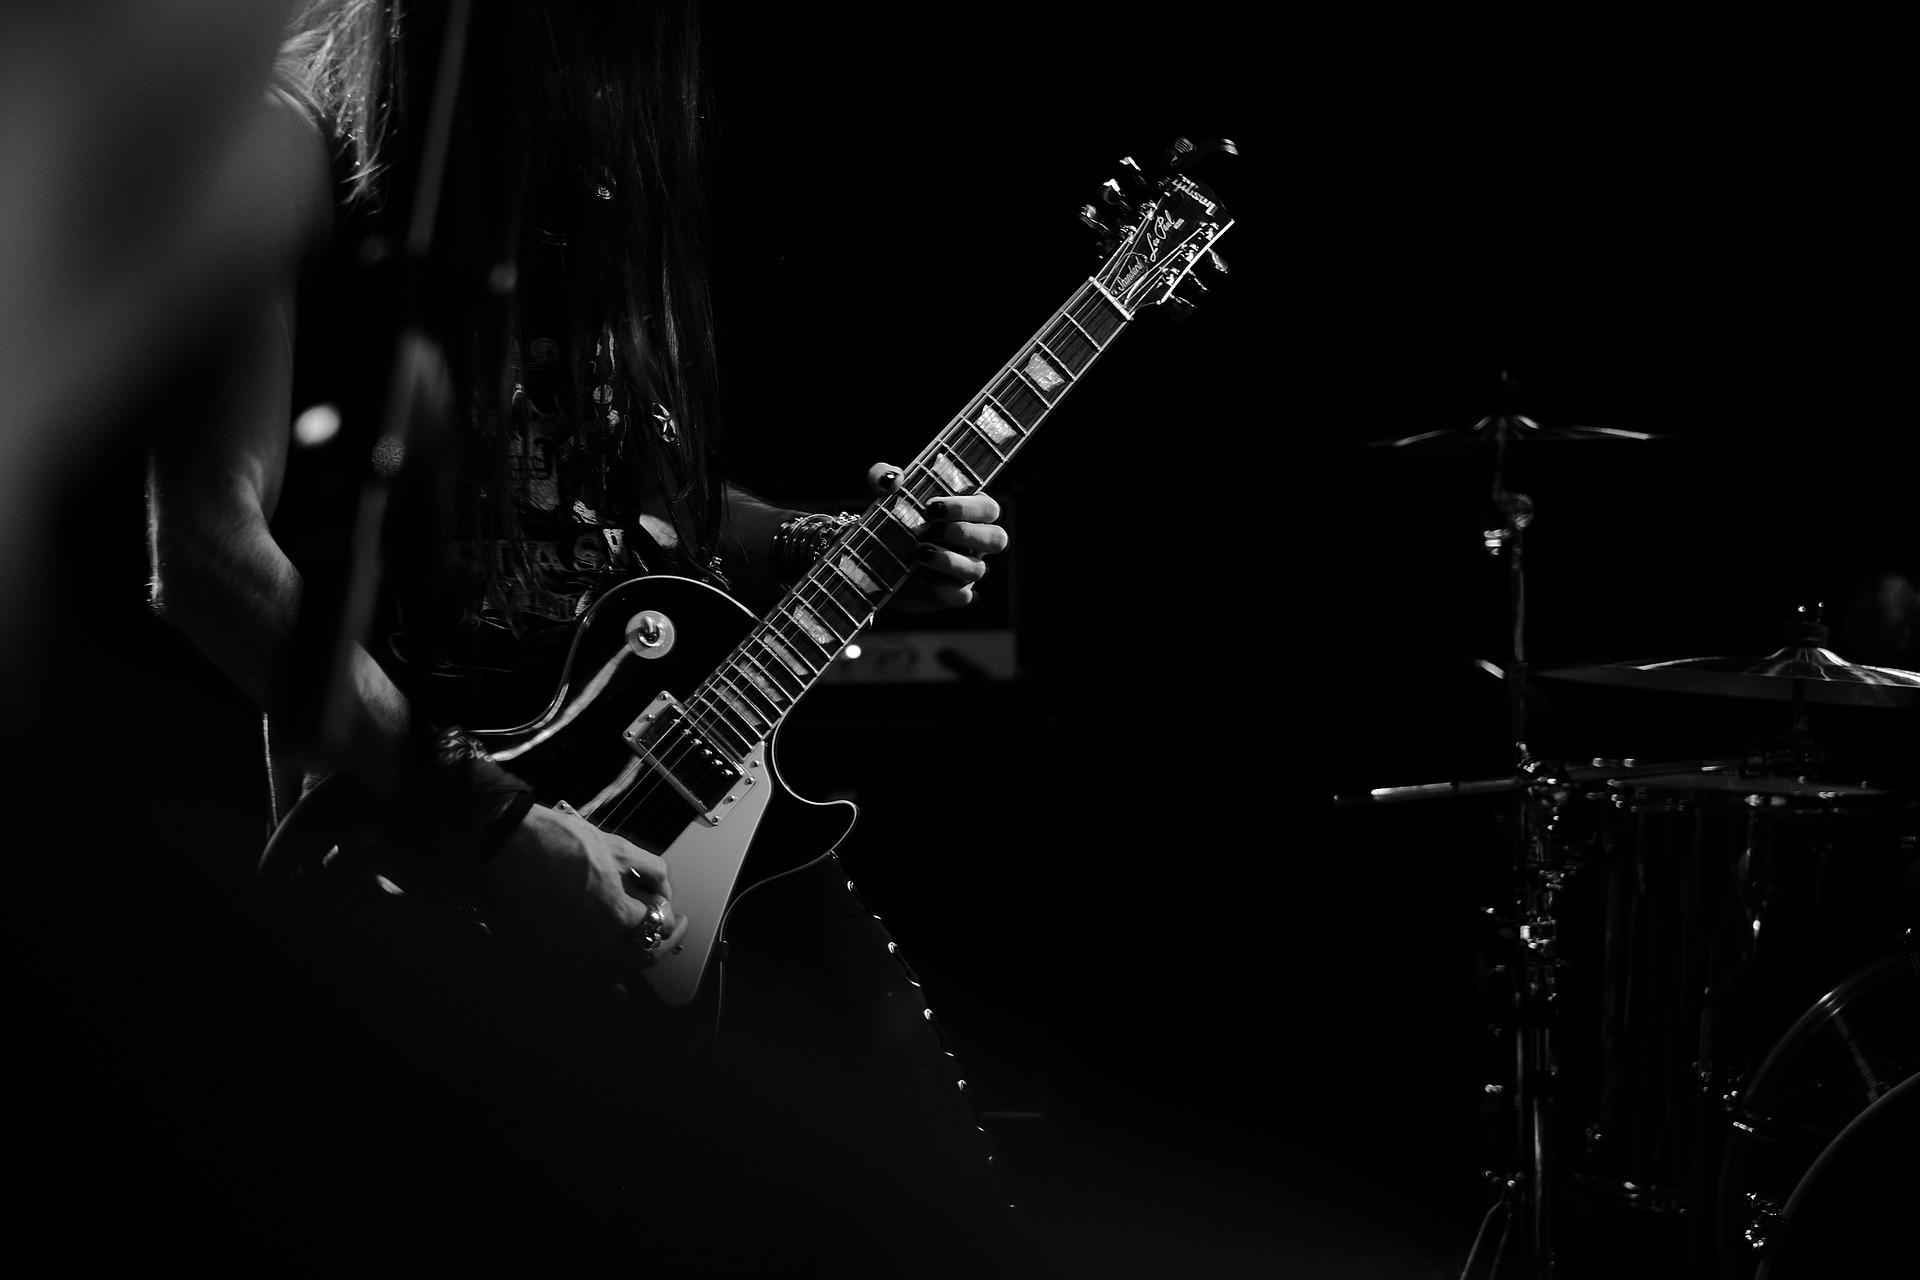 Fotka kytaristy na koncertě